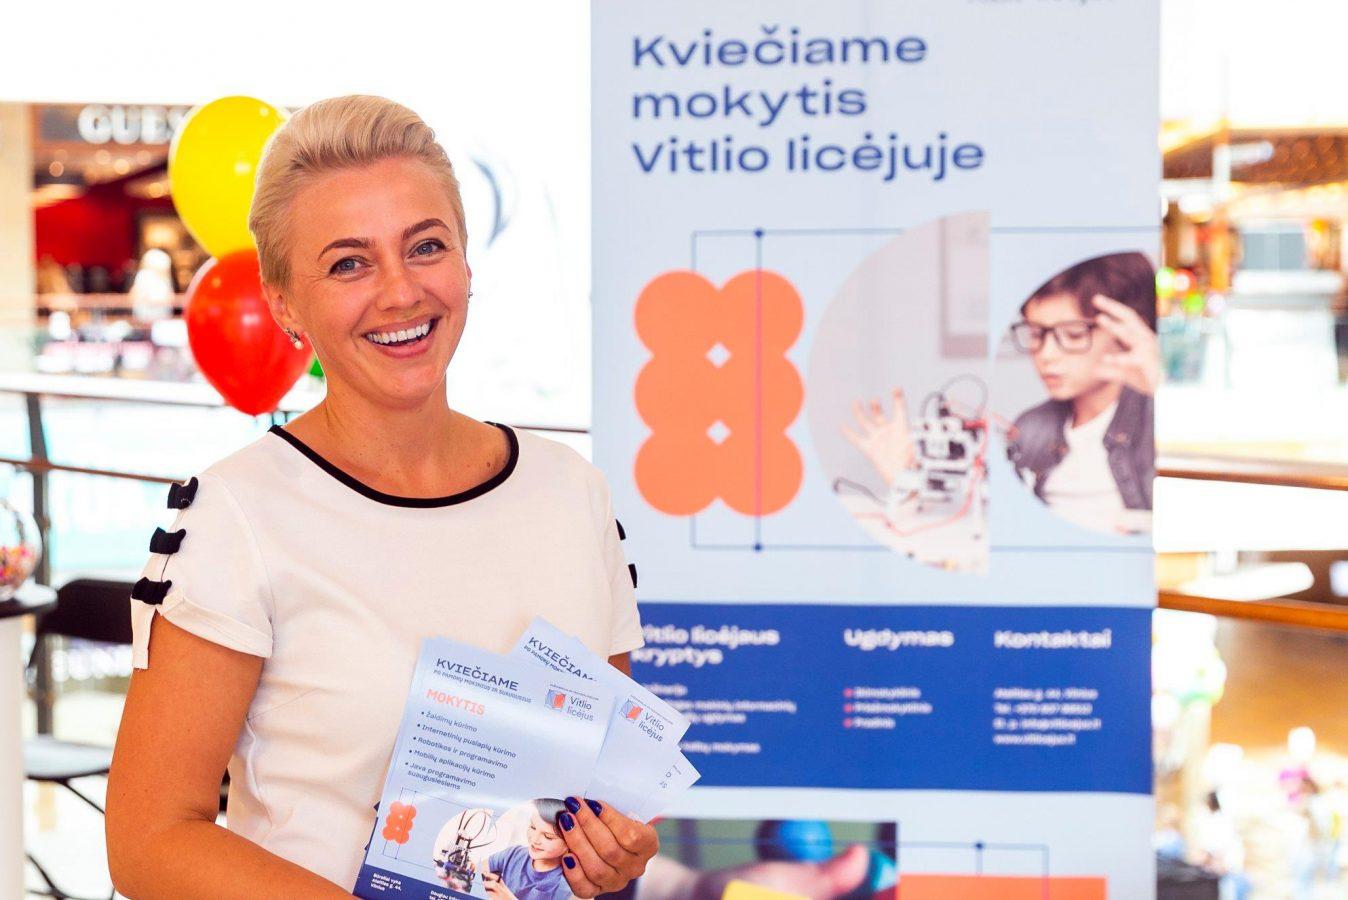 Jovita Ponomariovienė, The head of school